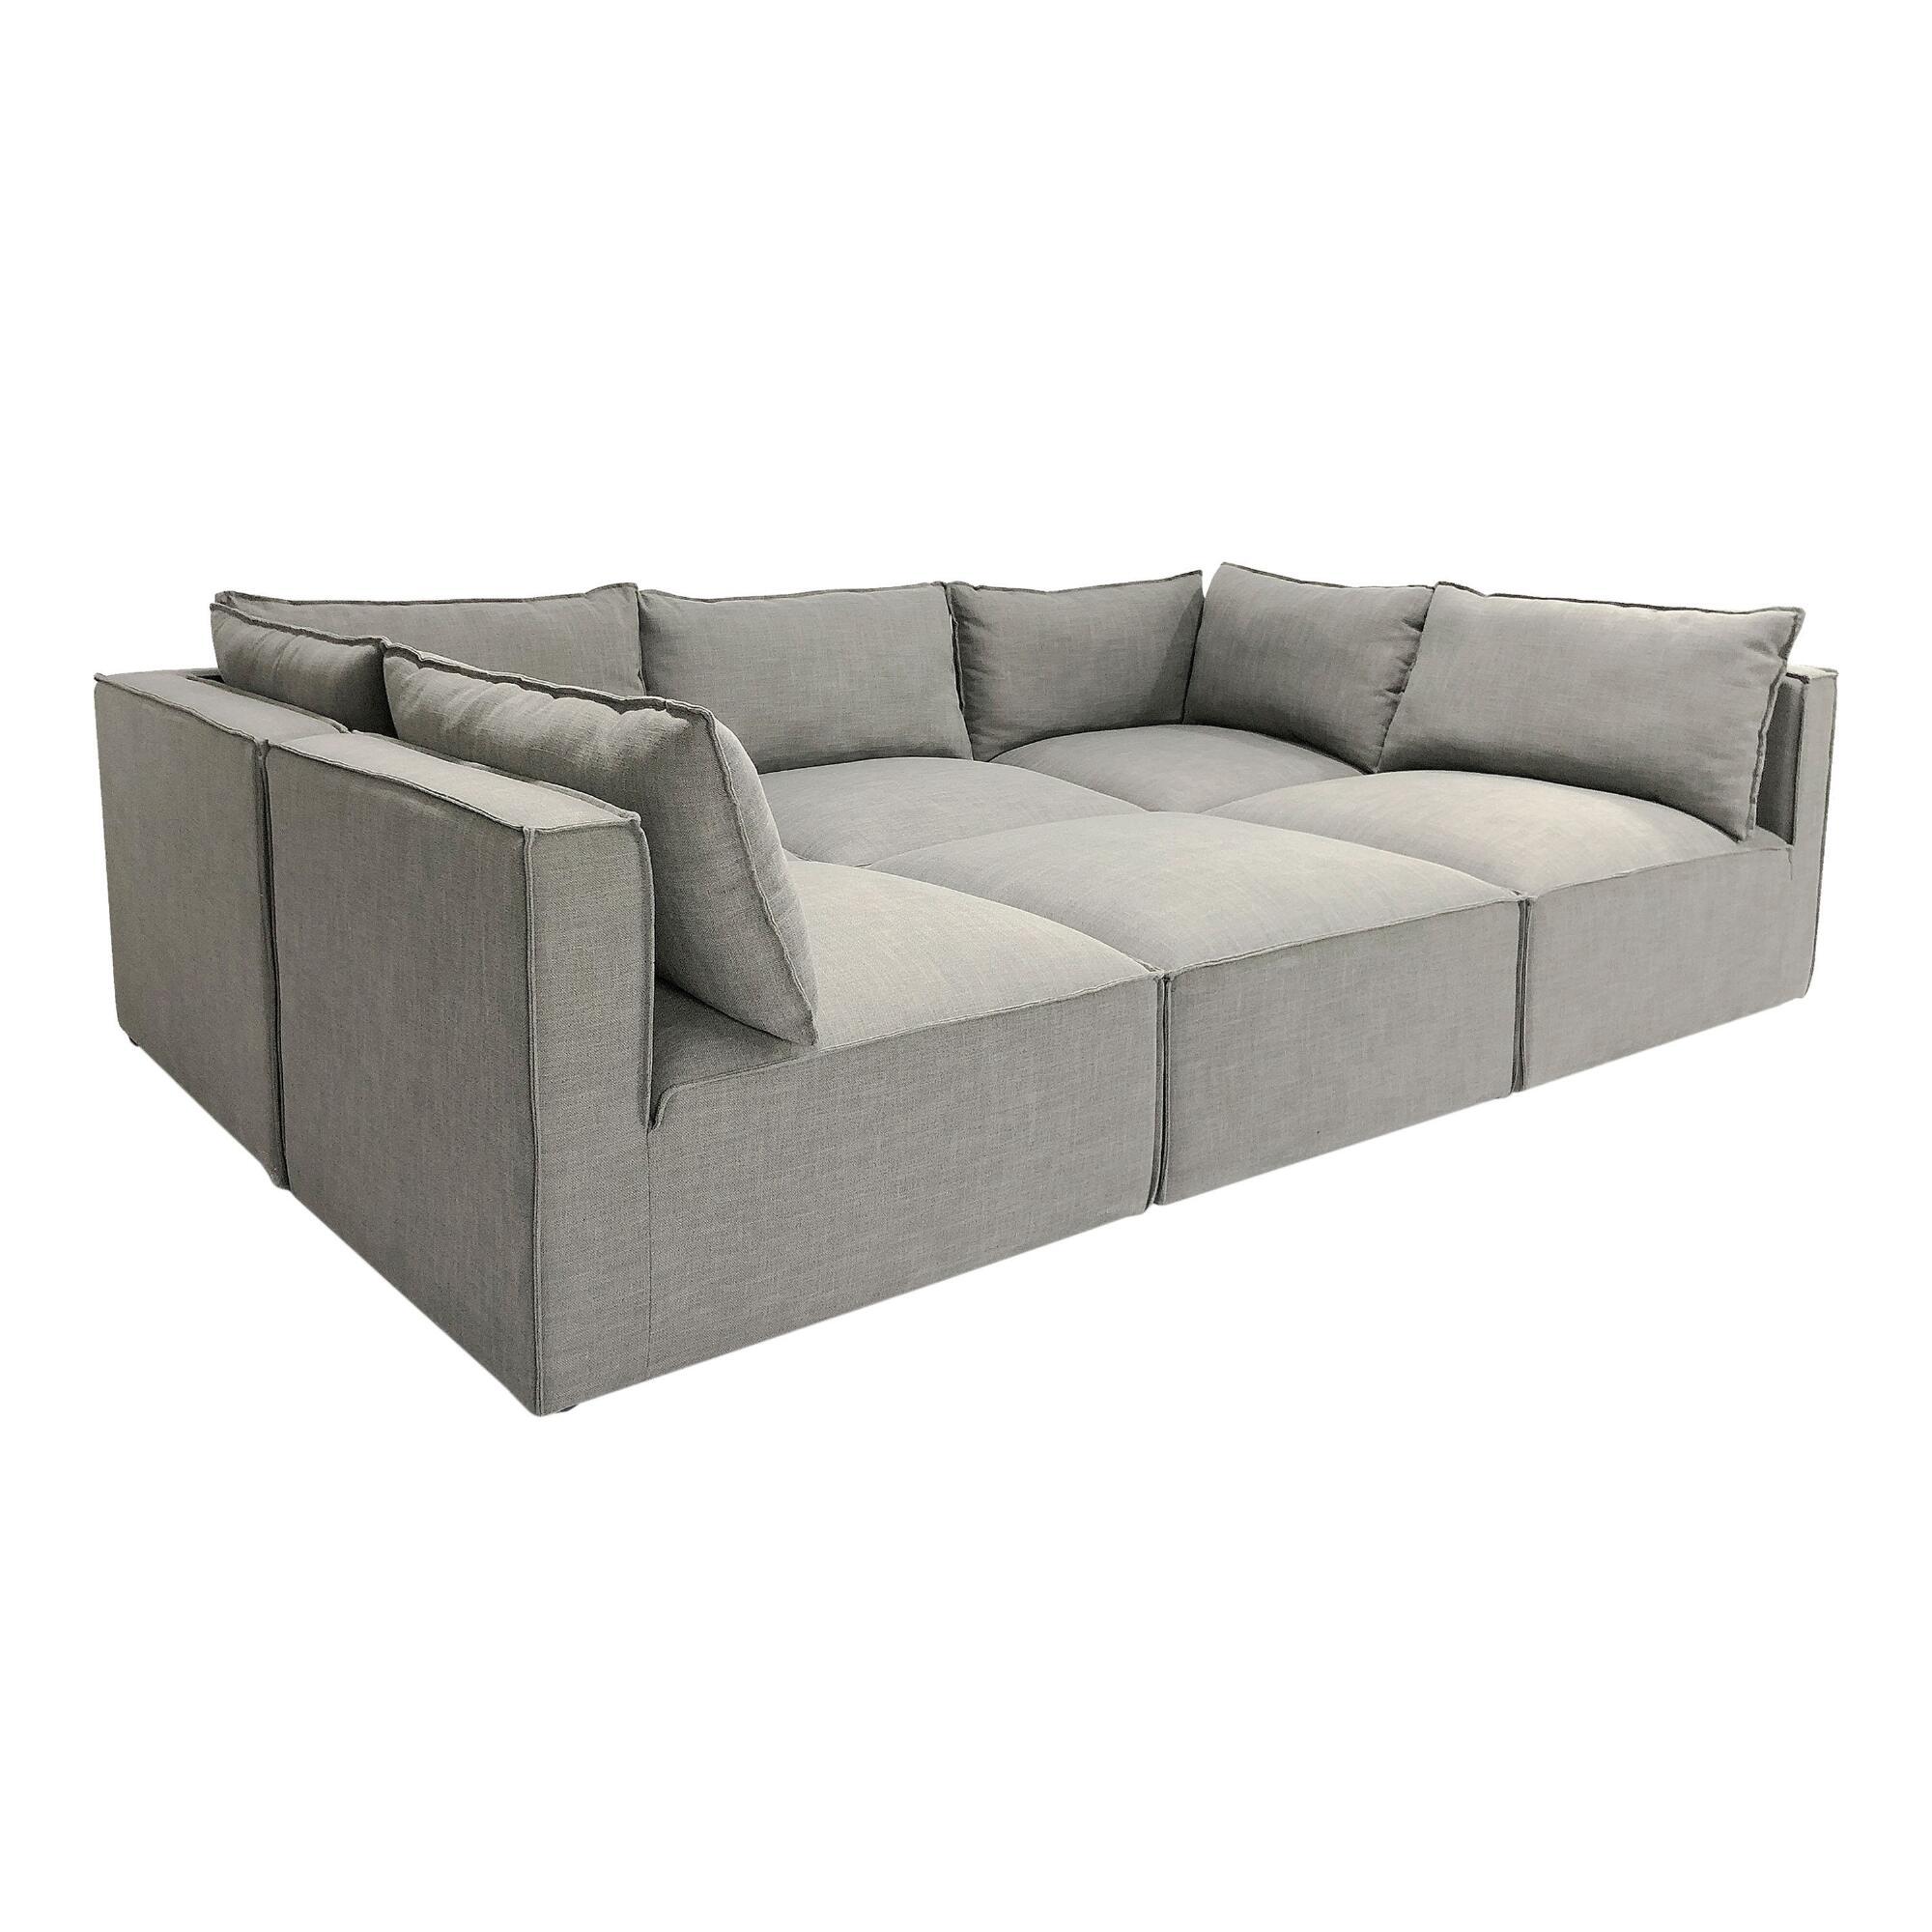 shop living room sofas at lazysuzy